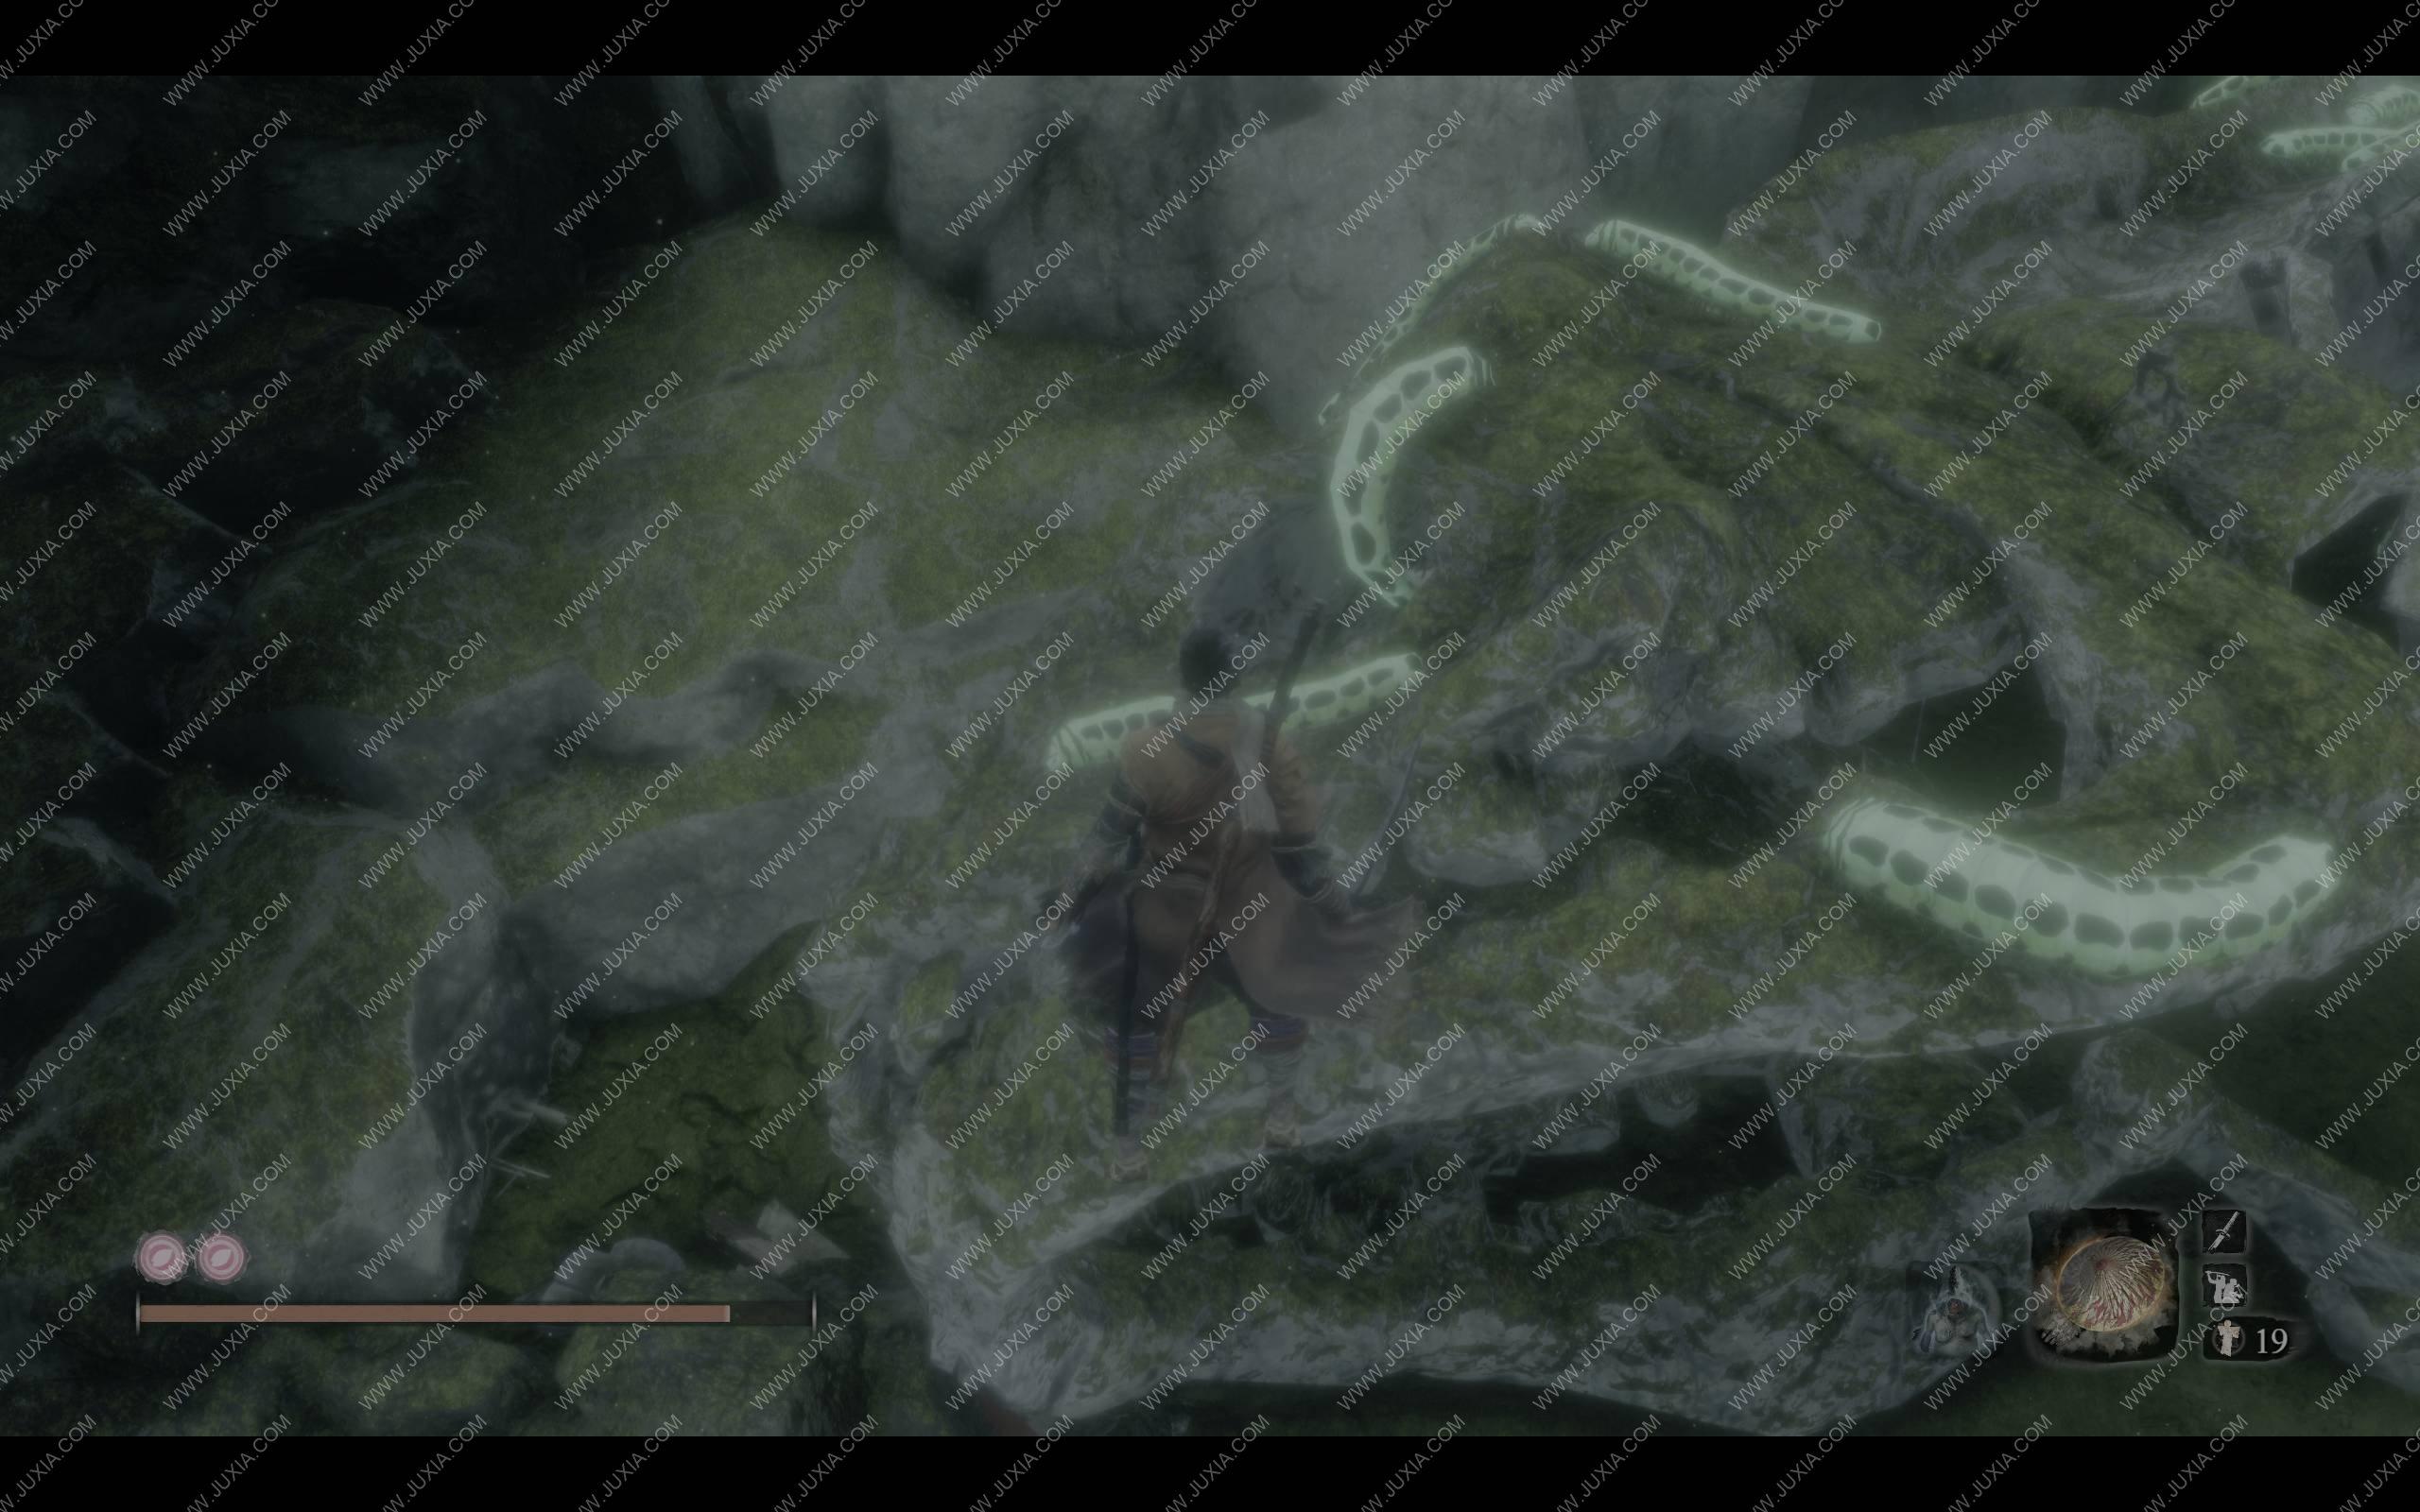 只狼影逝二度 评测跨越那座山 成为独当一面的忍者